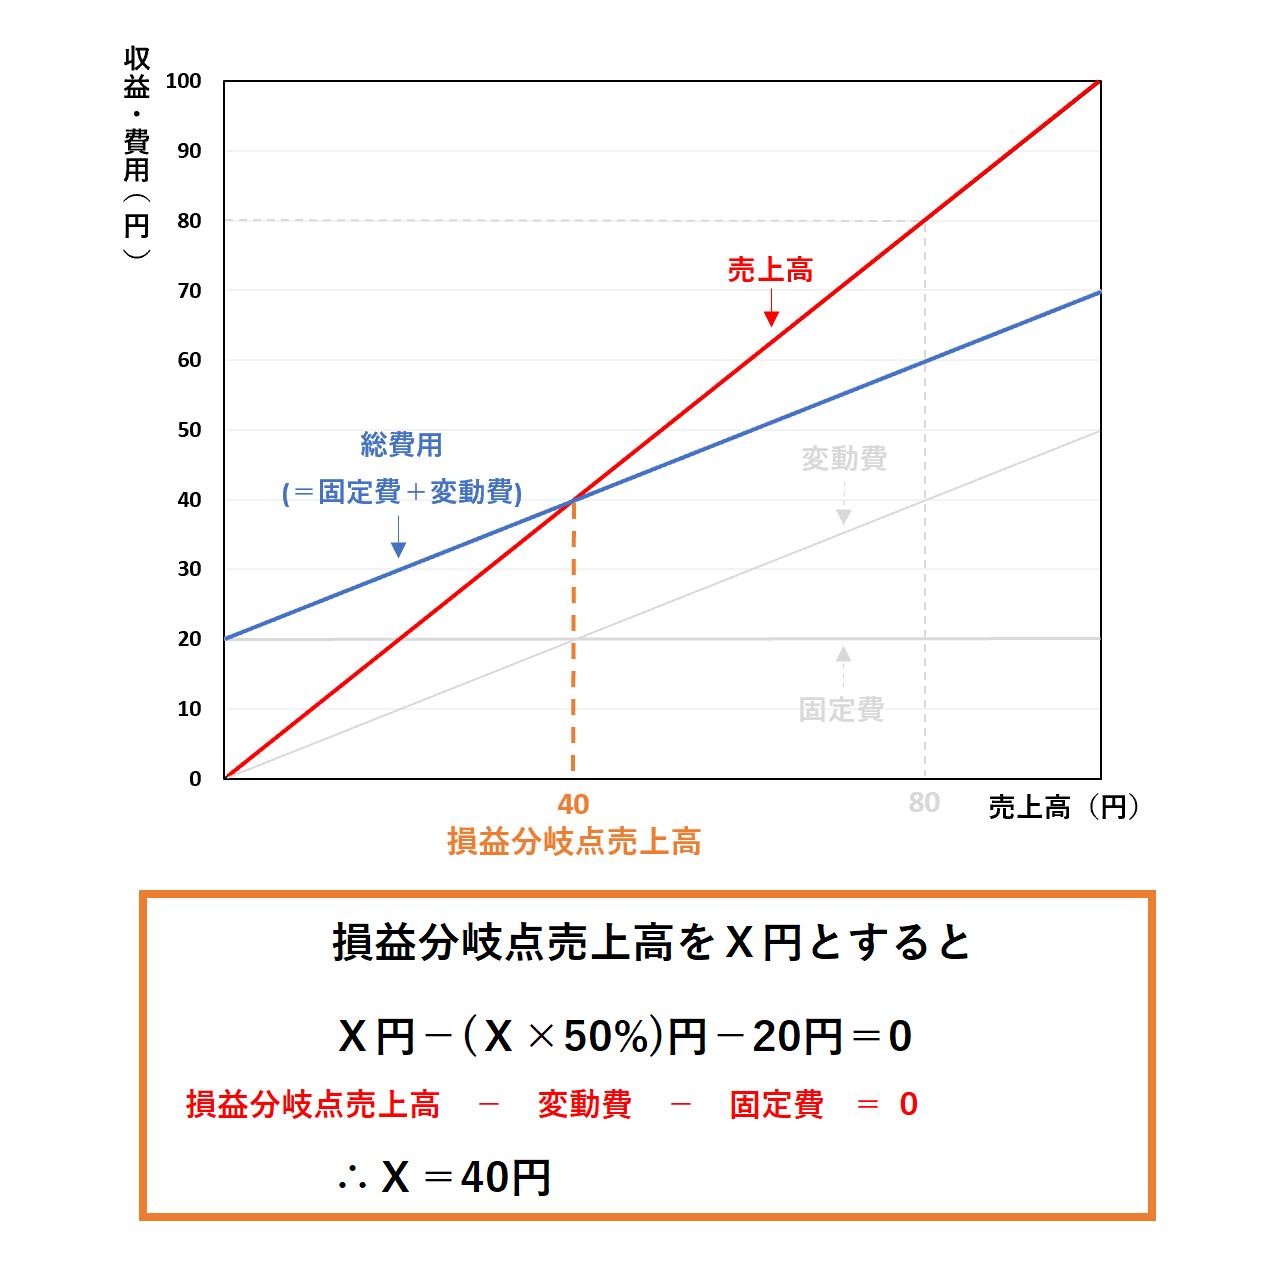 損益分岐点分析(ビジネス会計検定2級):損益分岐点売上高ー解答